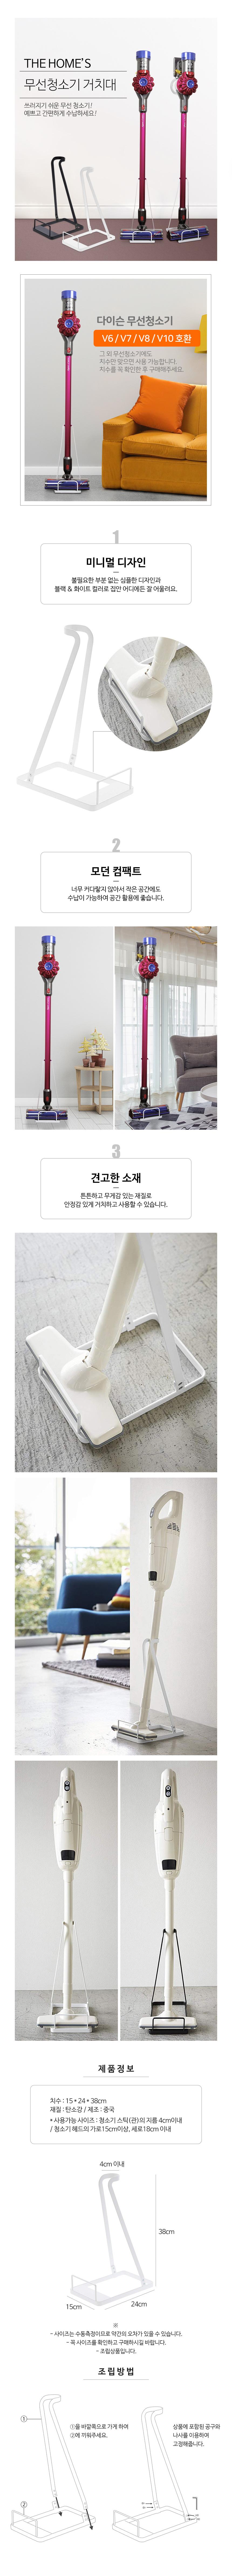 무선청소기 거치대 - 더홈스, 9,900원, 청소기, 청소기 소모품